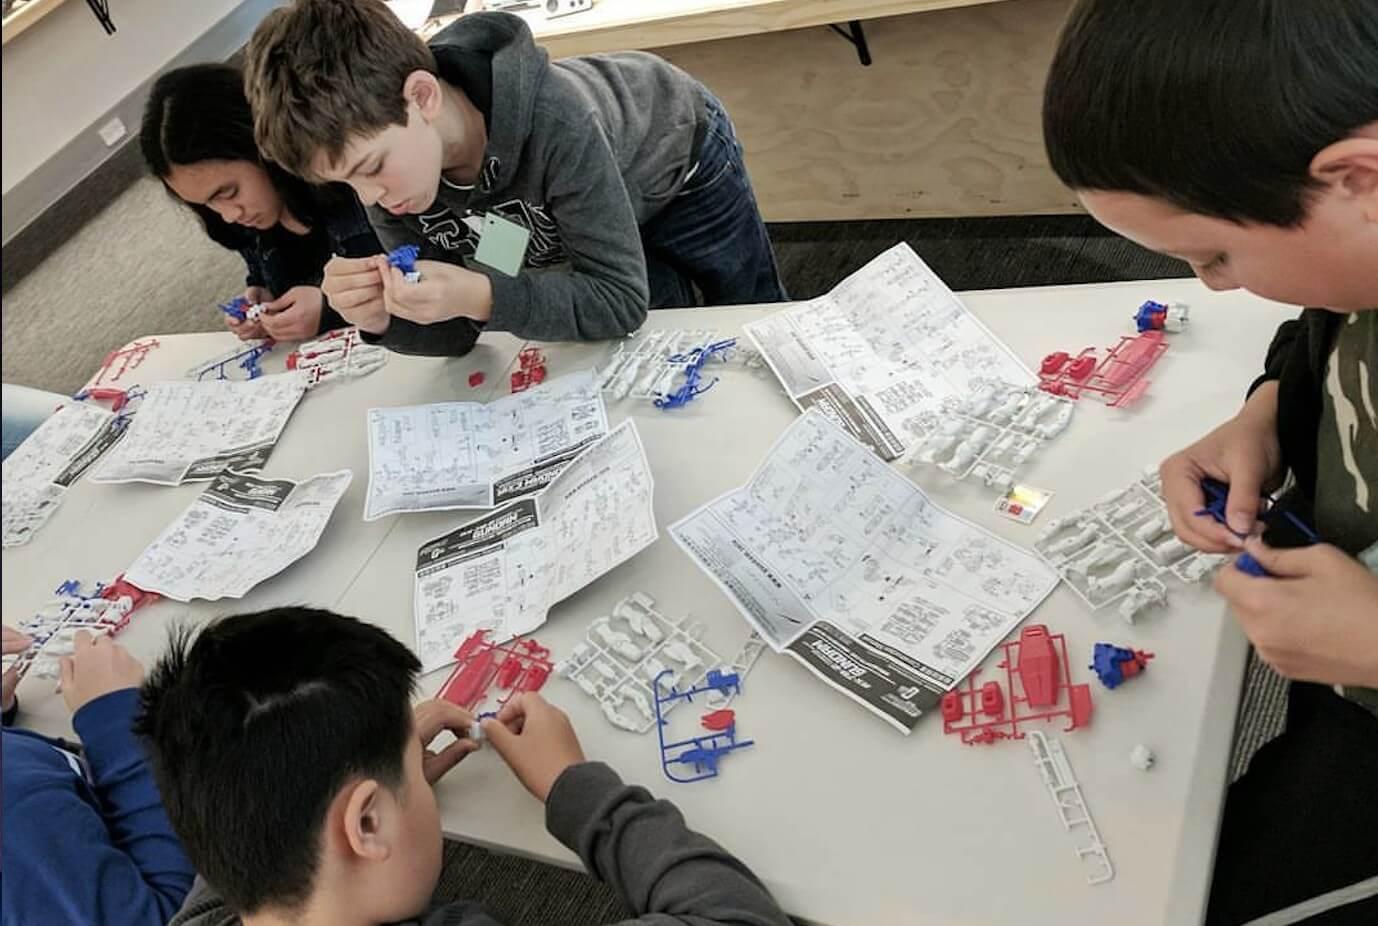 Gundam making - School Holiday program - The Nostalgia Box